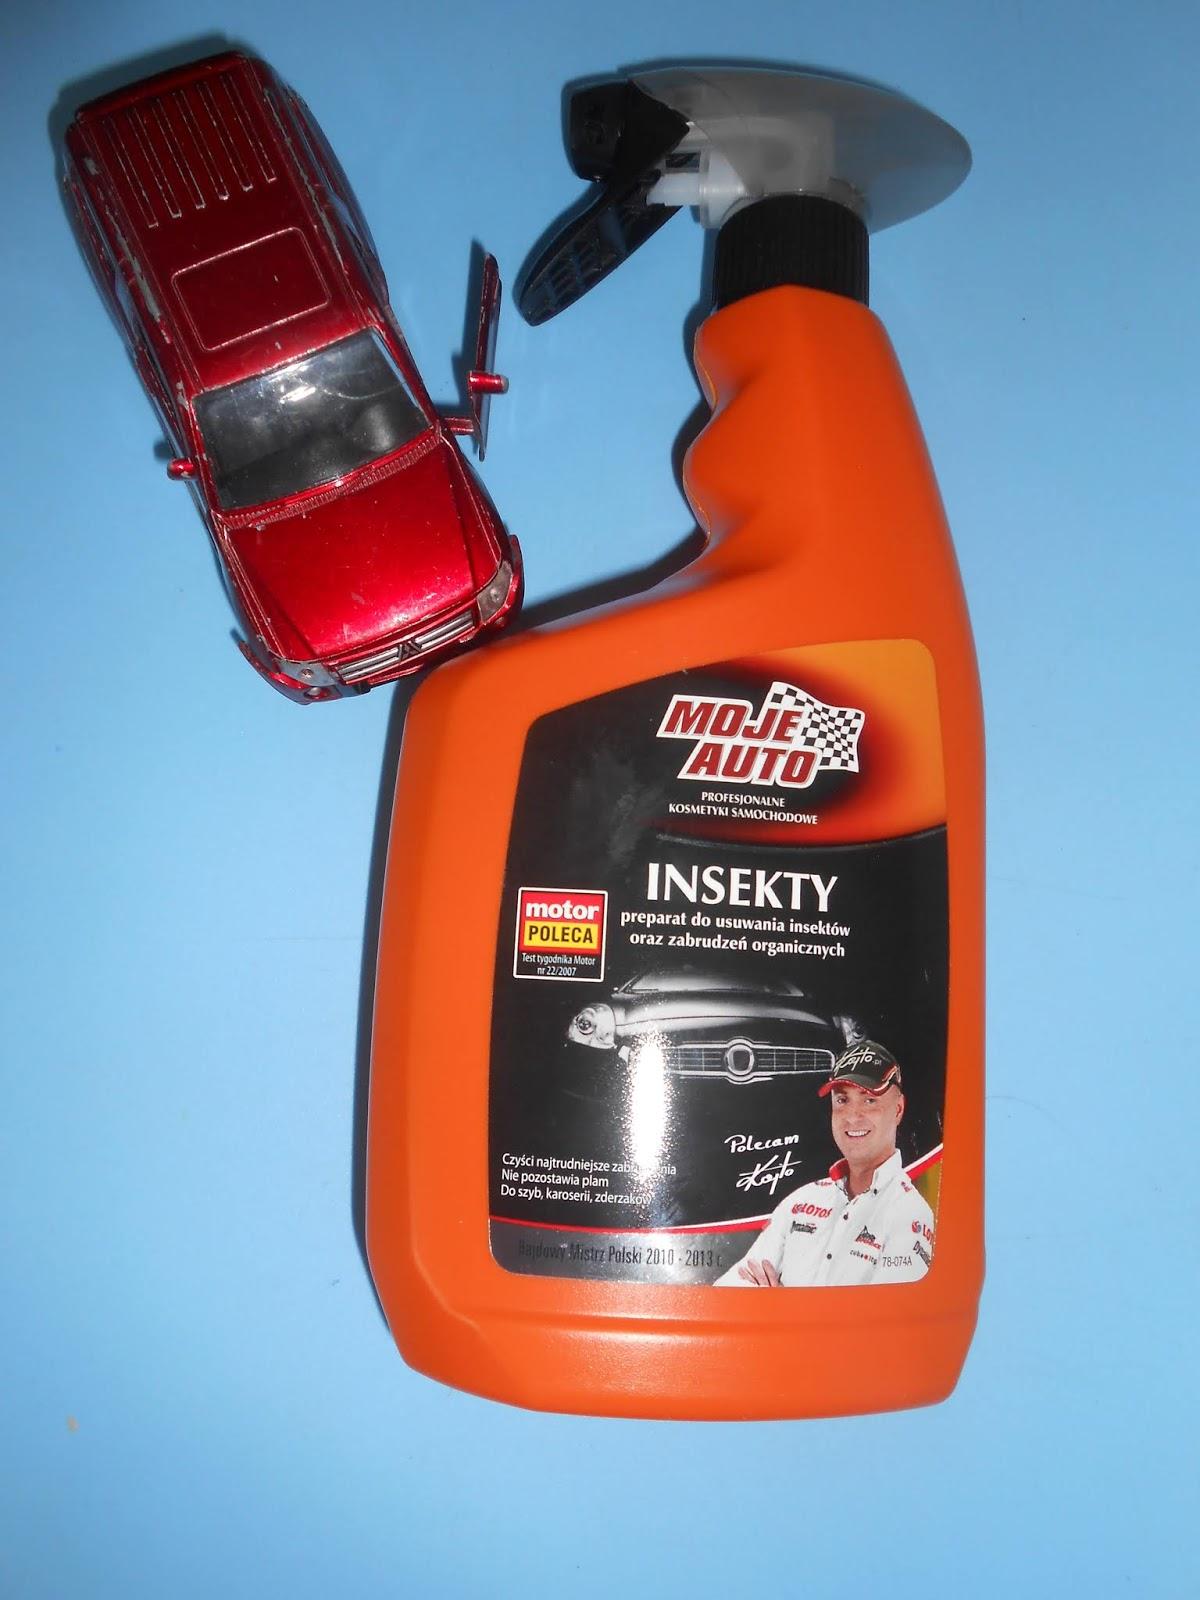 MOJE AUTO- INSEKTY preparat do usuwania insektów oraz zabrudzeń organicznych